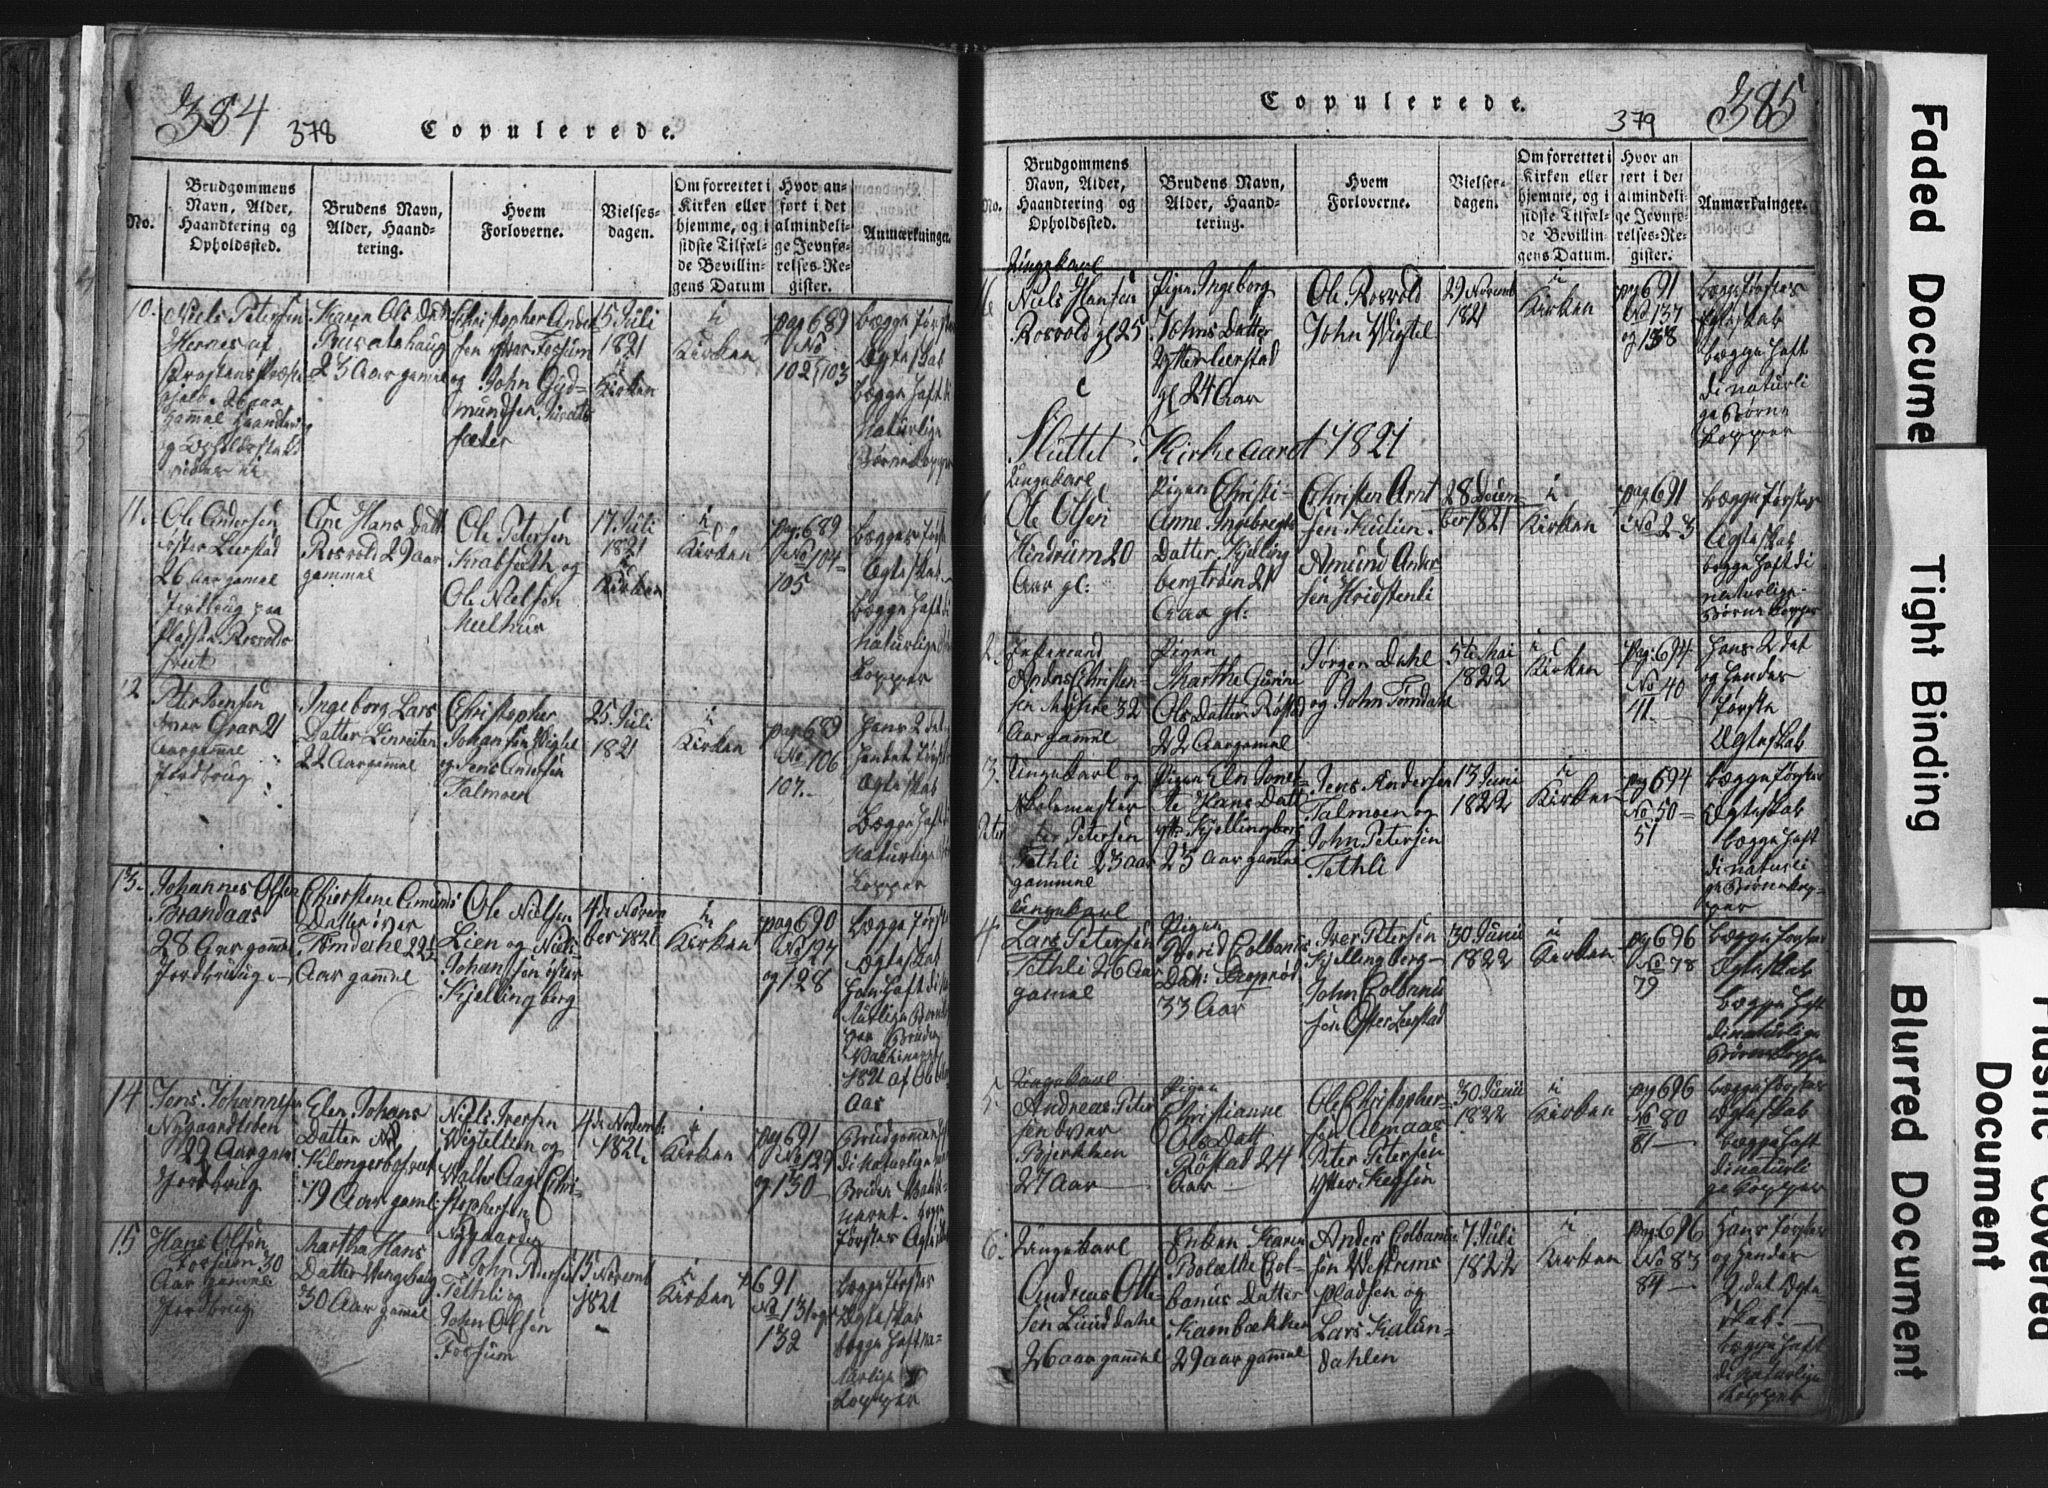 SAT, Ministerialprotokoller, klokkerbøker og fødselsregistre - Nord-Trøndelag, 701/L0017: Klokkerbok nr. 701C01, 1817-1825, s. 378-379